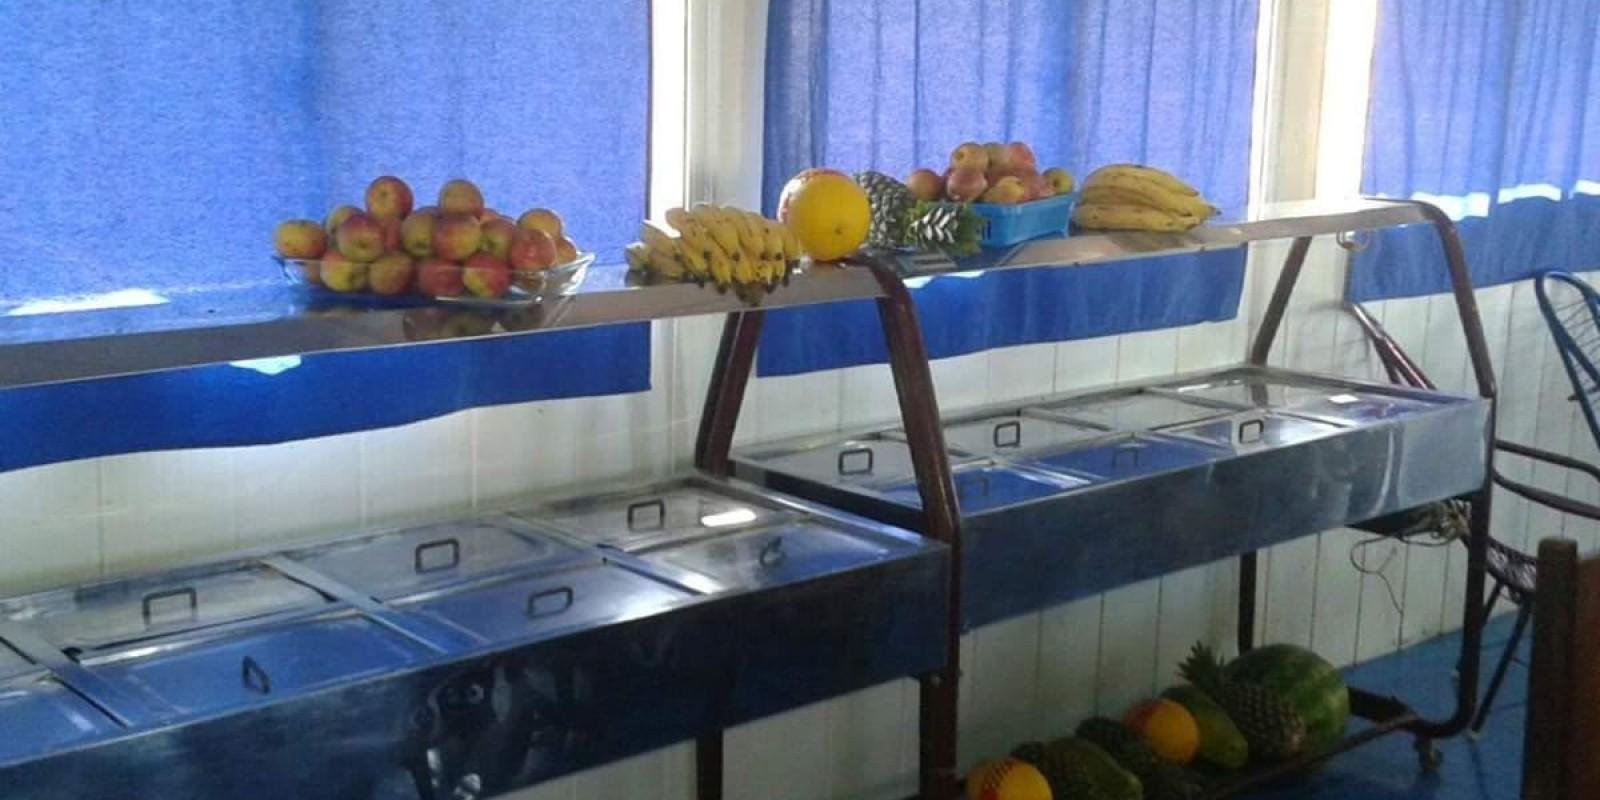 BARCO HOTEL TUBARÃO / LUIZ ALVES - Foto 7 de 10